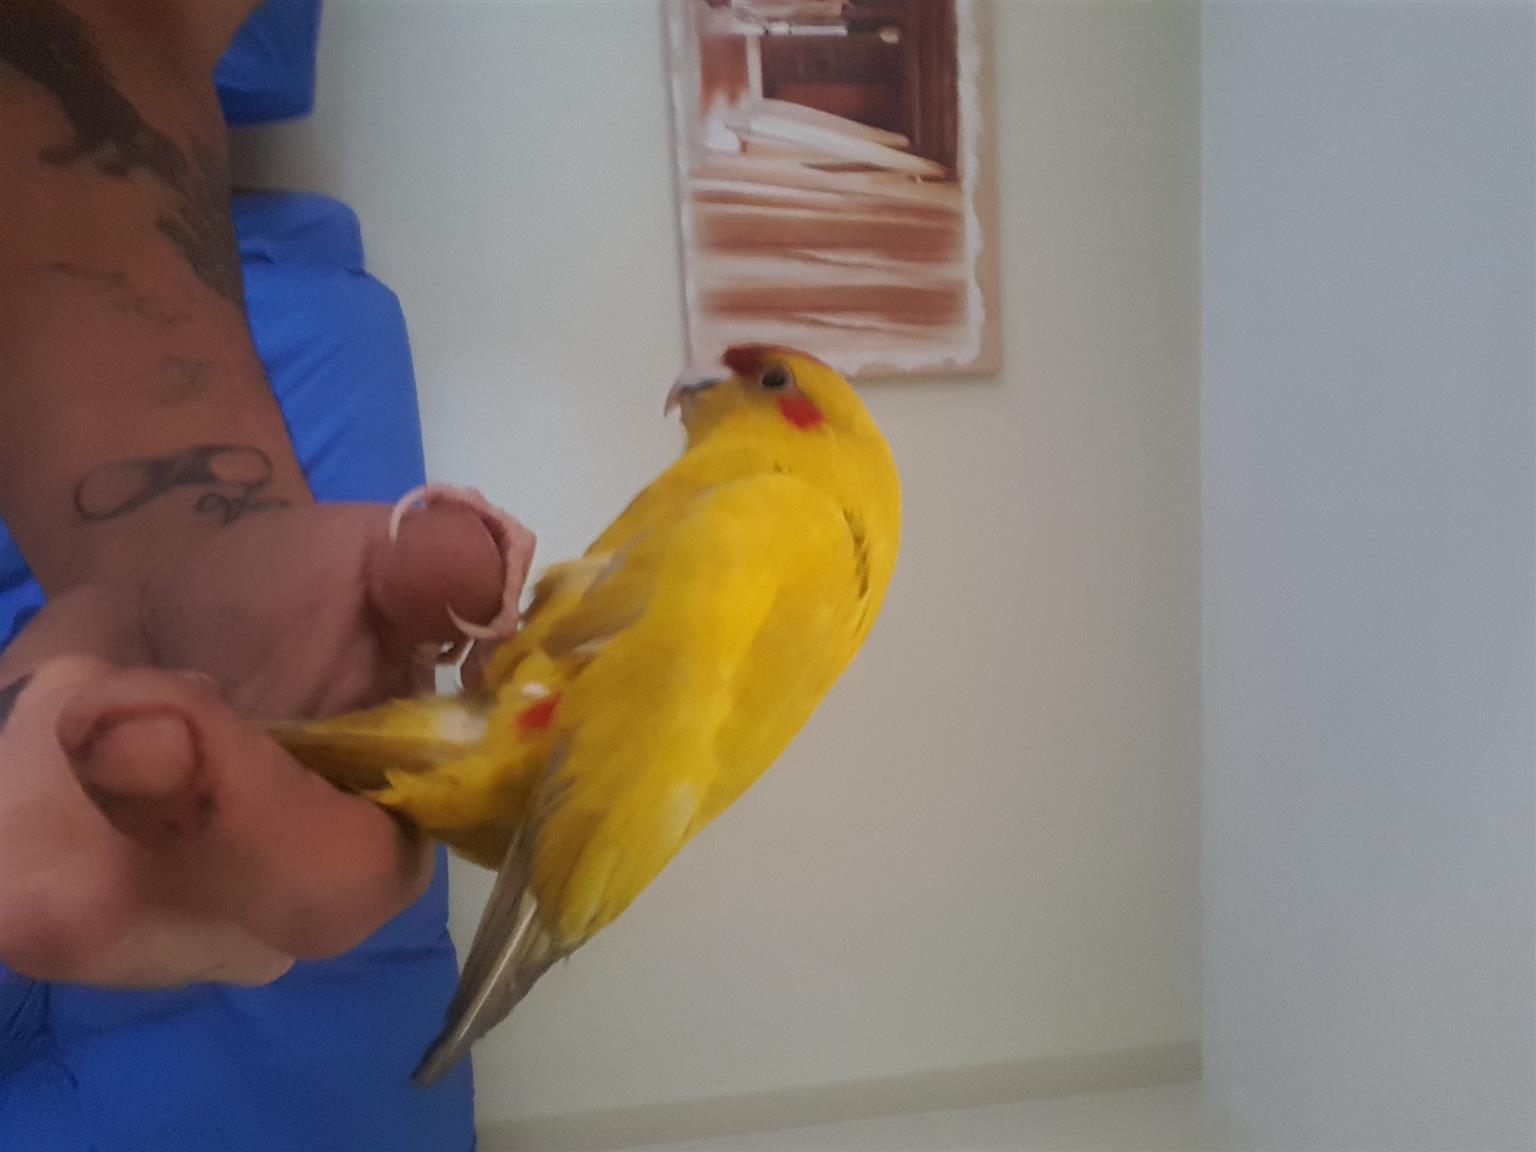 Yellow kakariki  parrot very tam